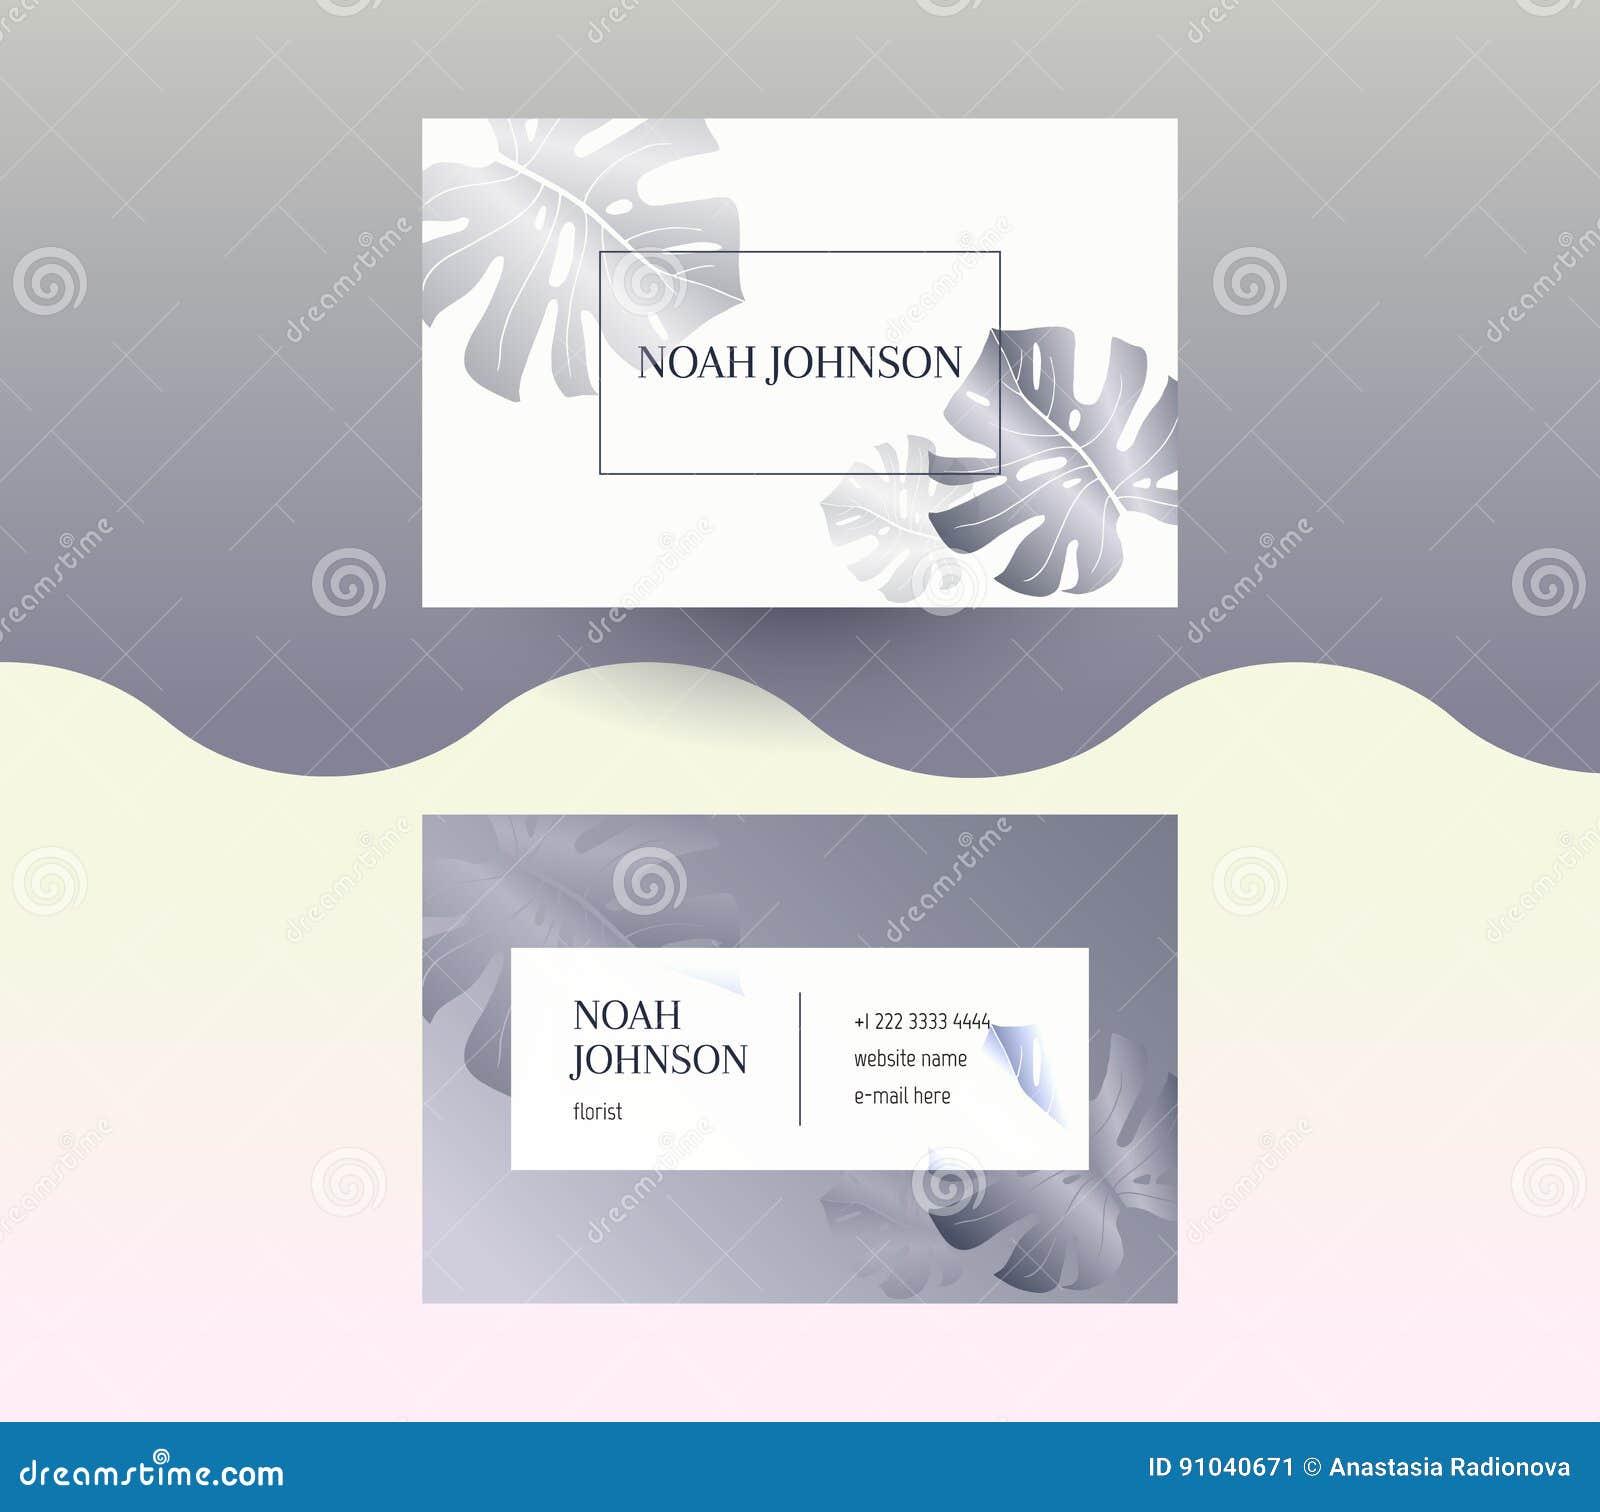 Doppelseitige Visitenkarte In Der Graphitfarbe Vektor